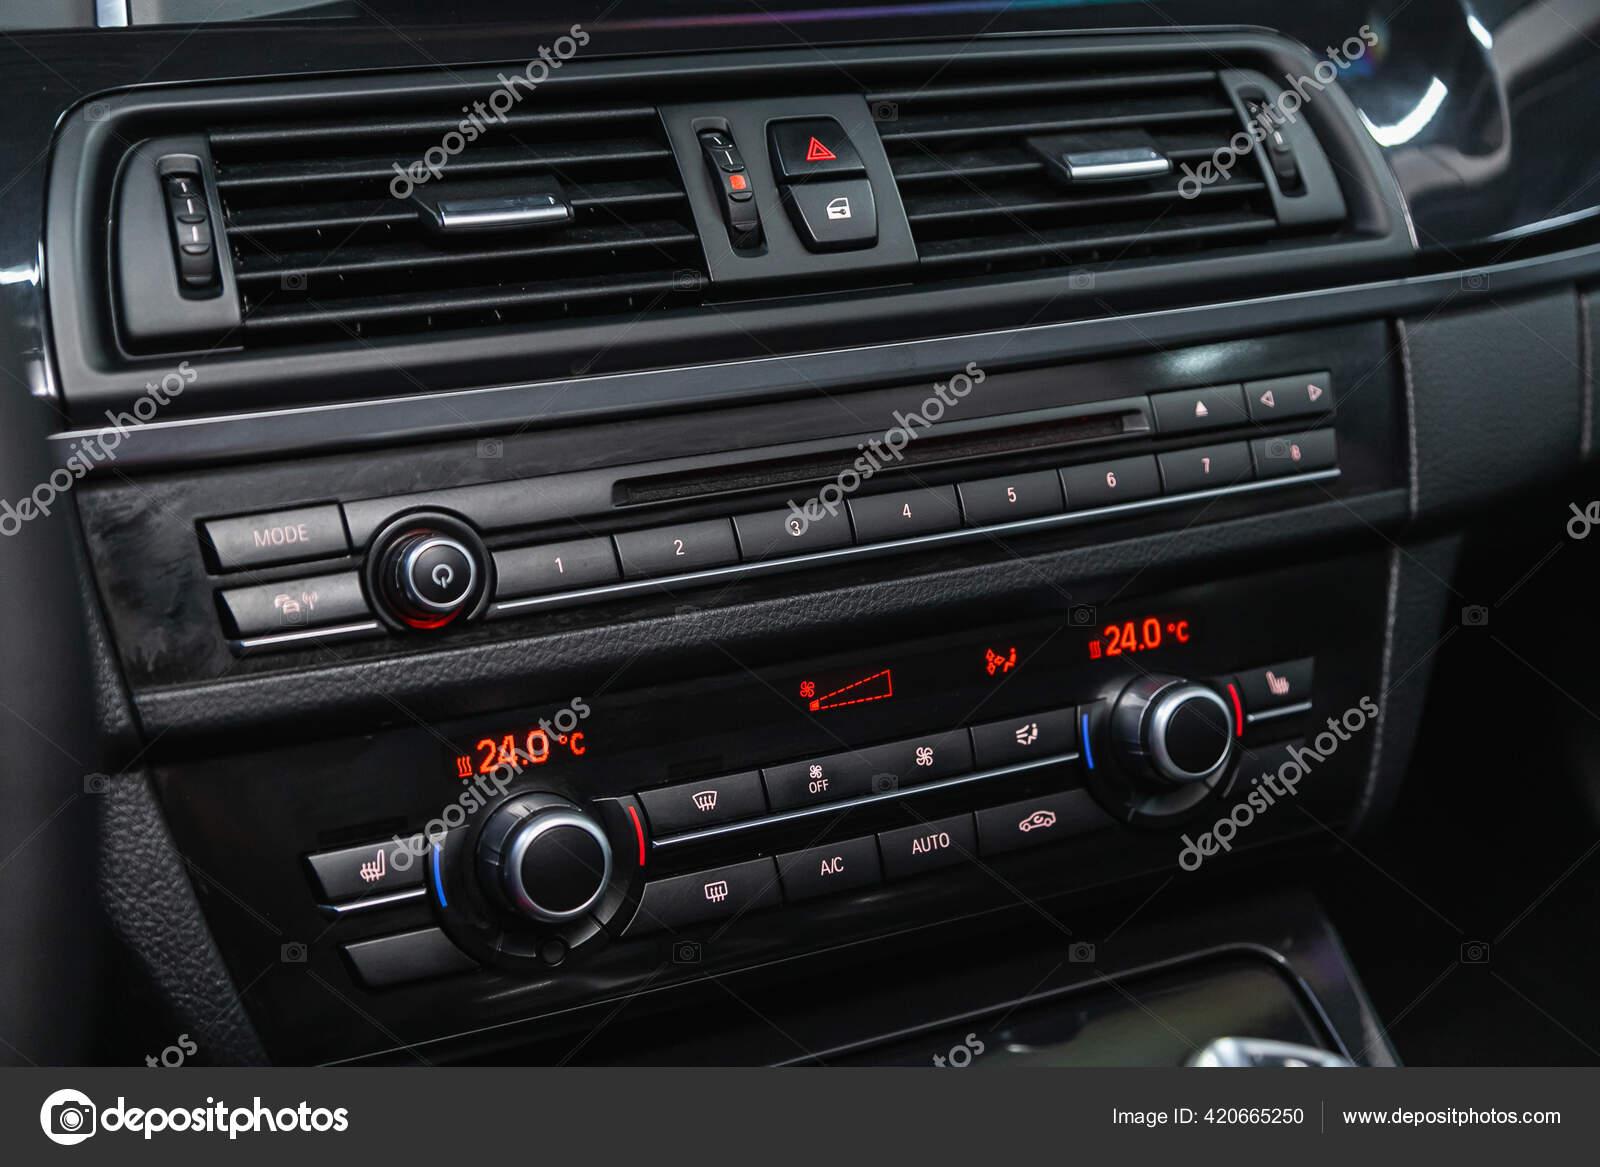 Novosibirsk Russia Outubro 2020 Bmw Close Painel Carro Com Botao Fotografia De Stock Editorial C Everyonensk 420665250